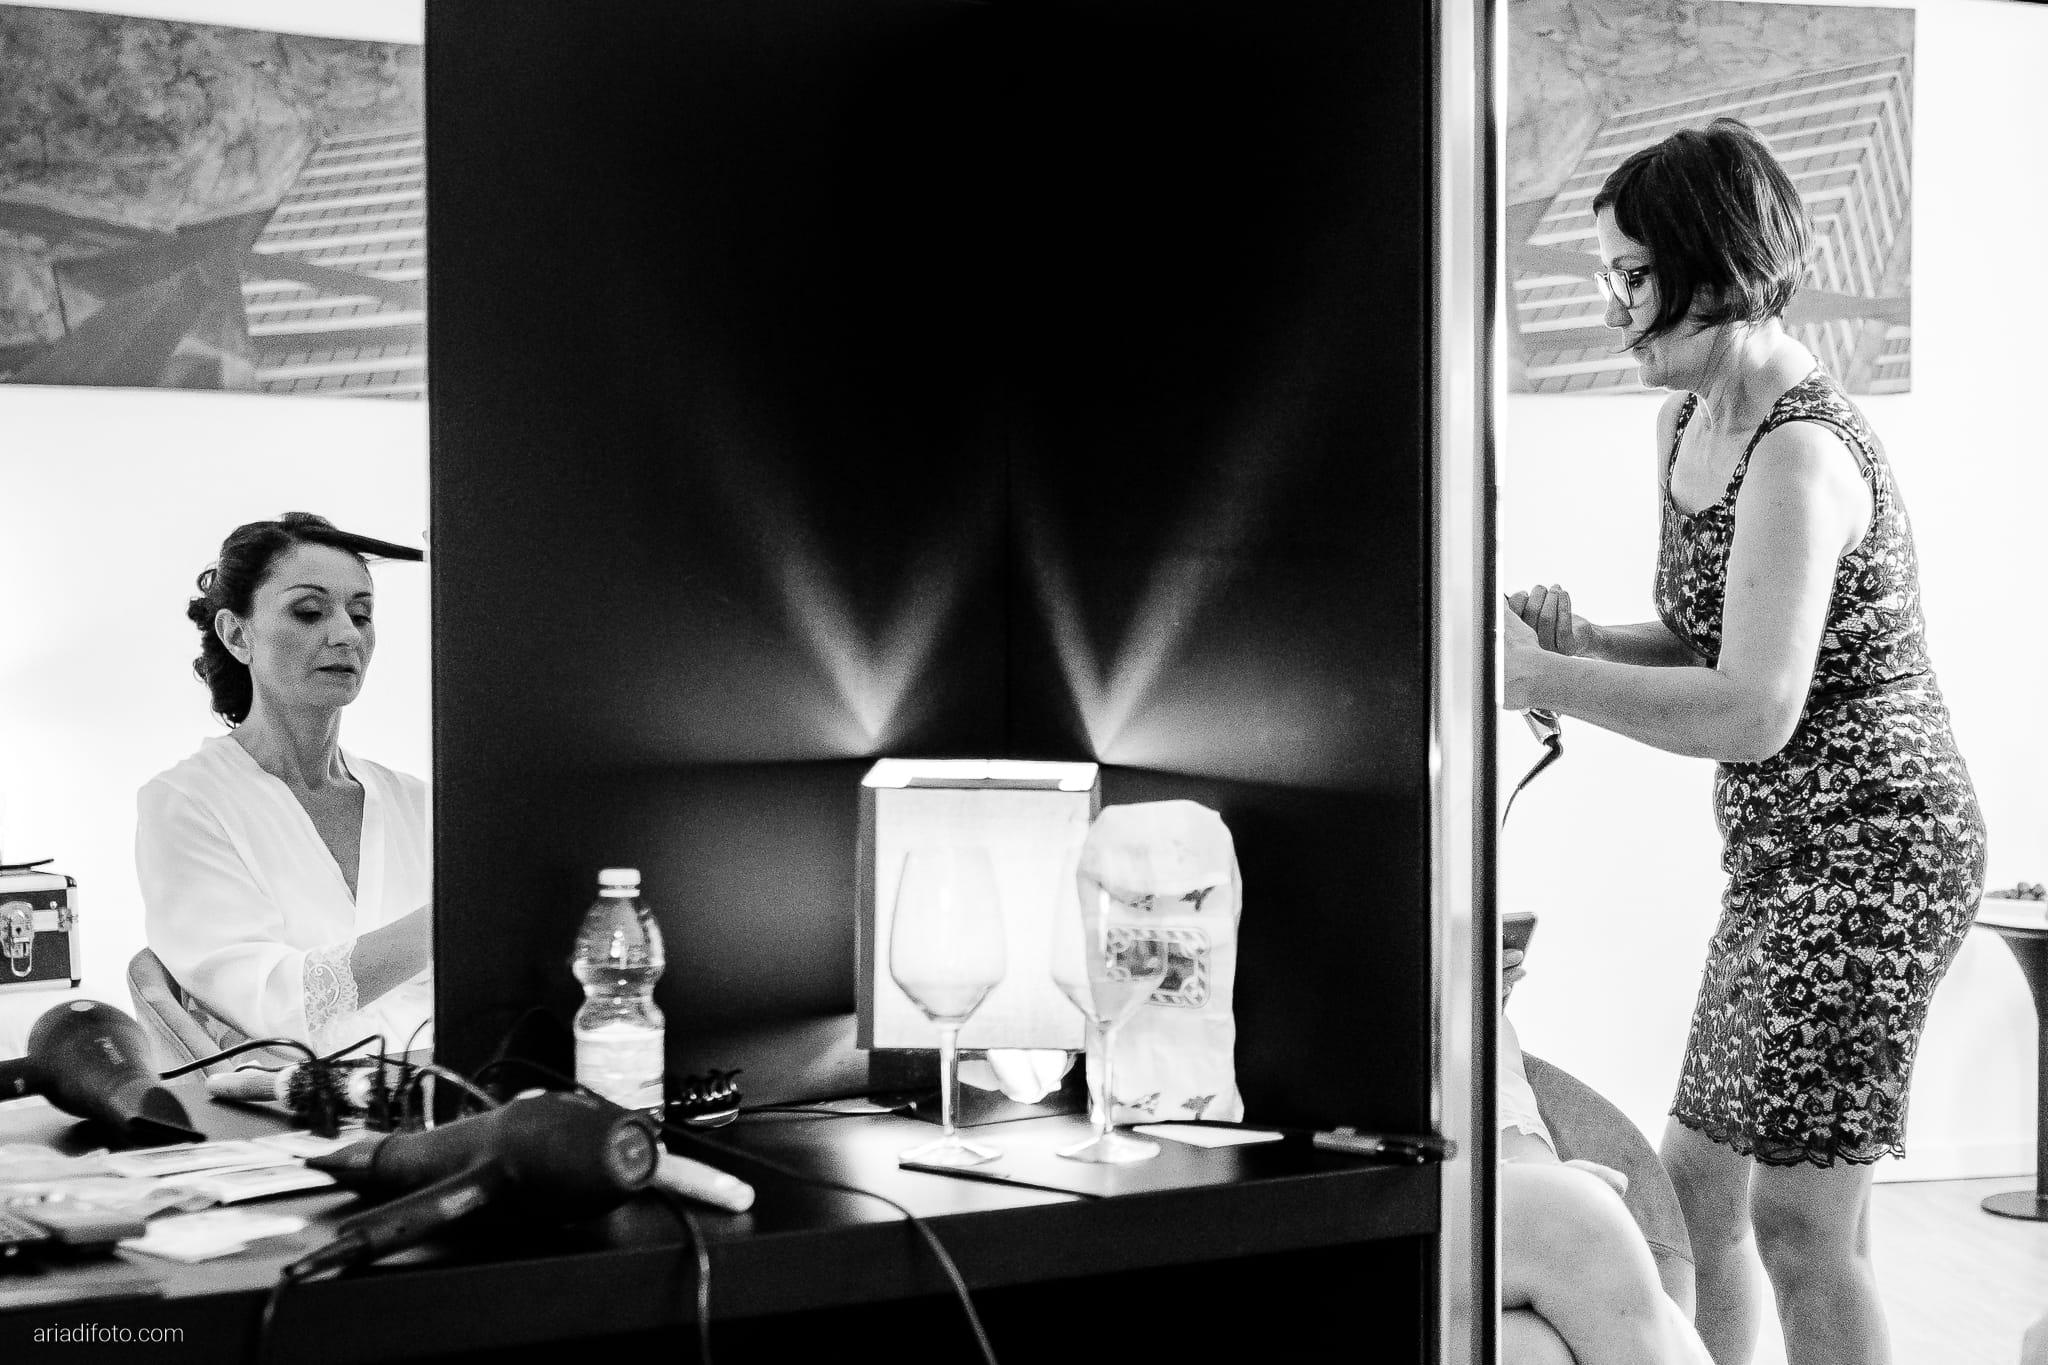 Anna Paolo Matrimonio Santa Maria Maggiore Hotel Riviera Trieste preparativi sposa acconciatura